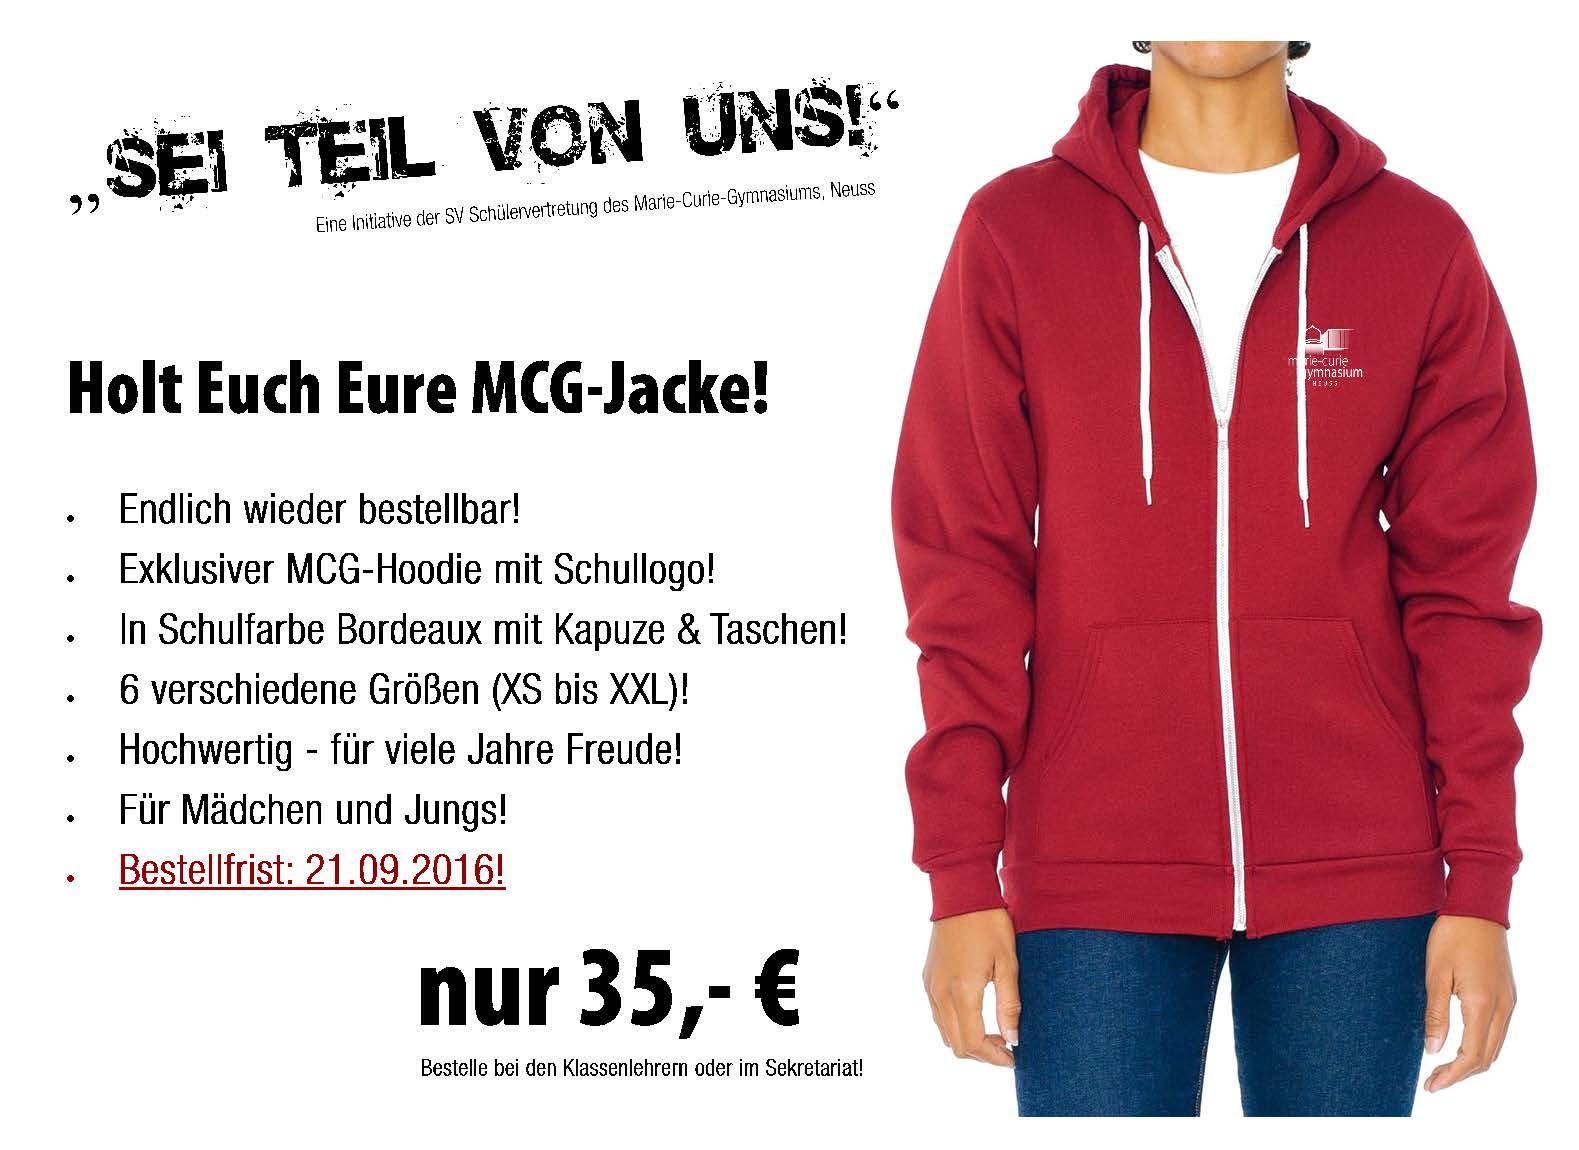 mcg-jacken-poster-dina-4-09-2016